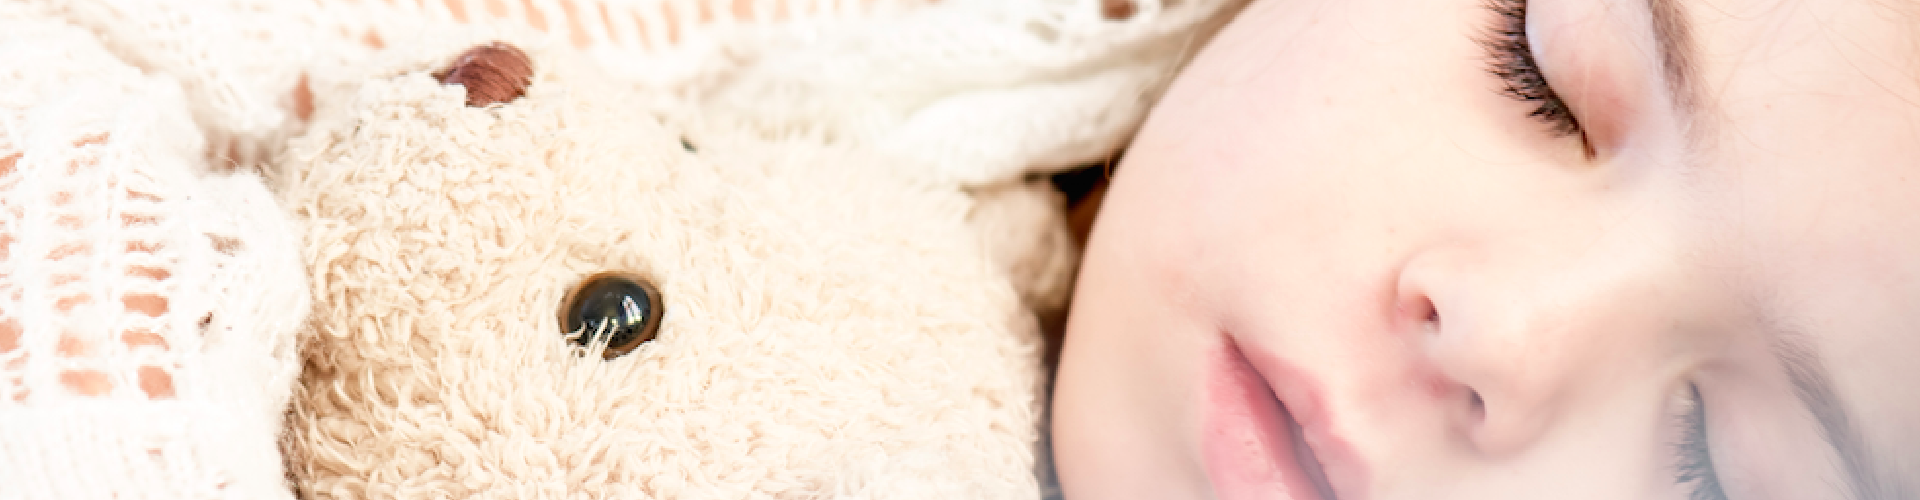 1_Banner-baby-sitter-15